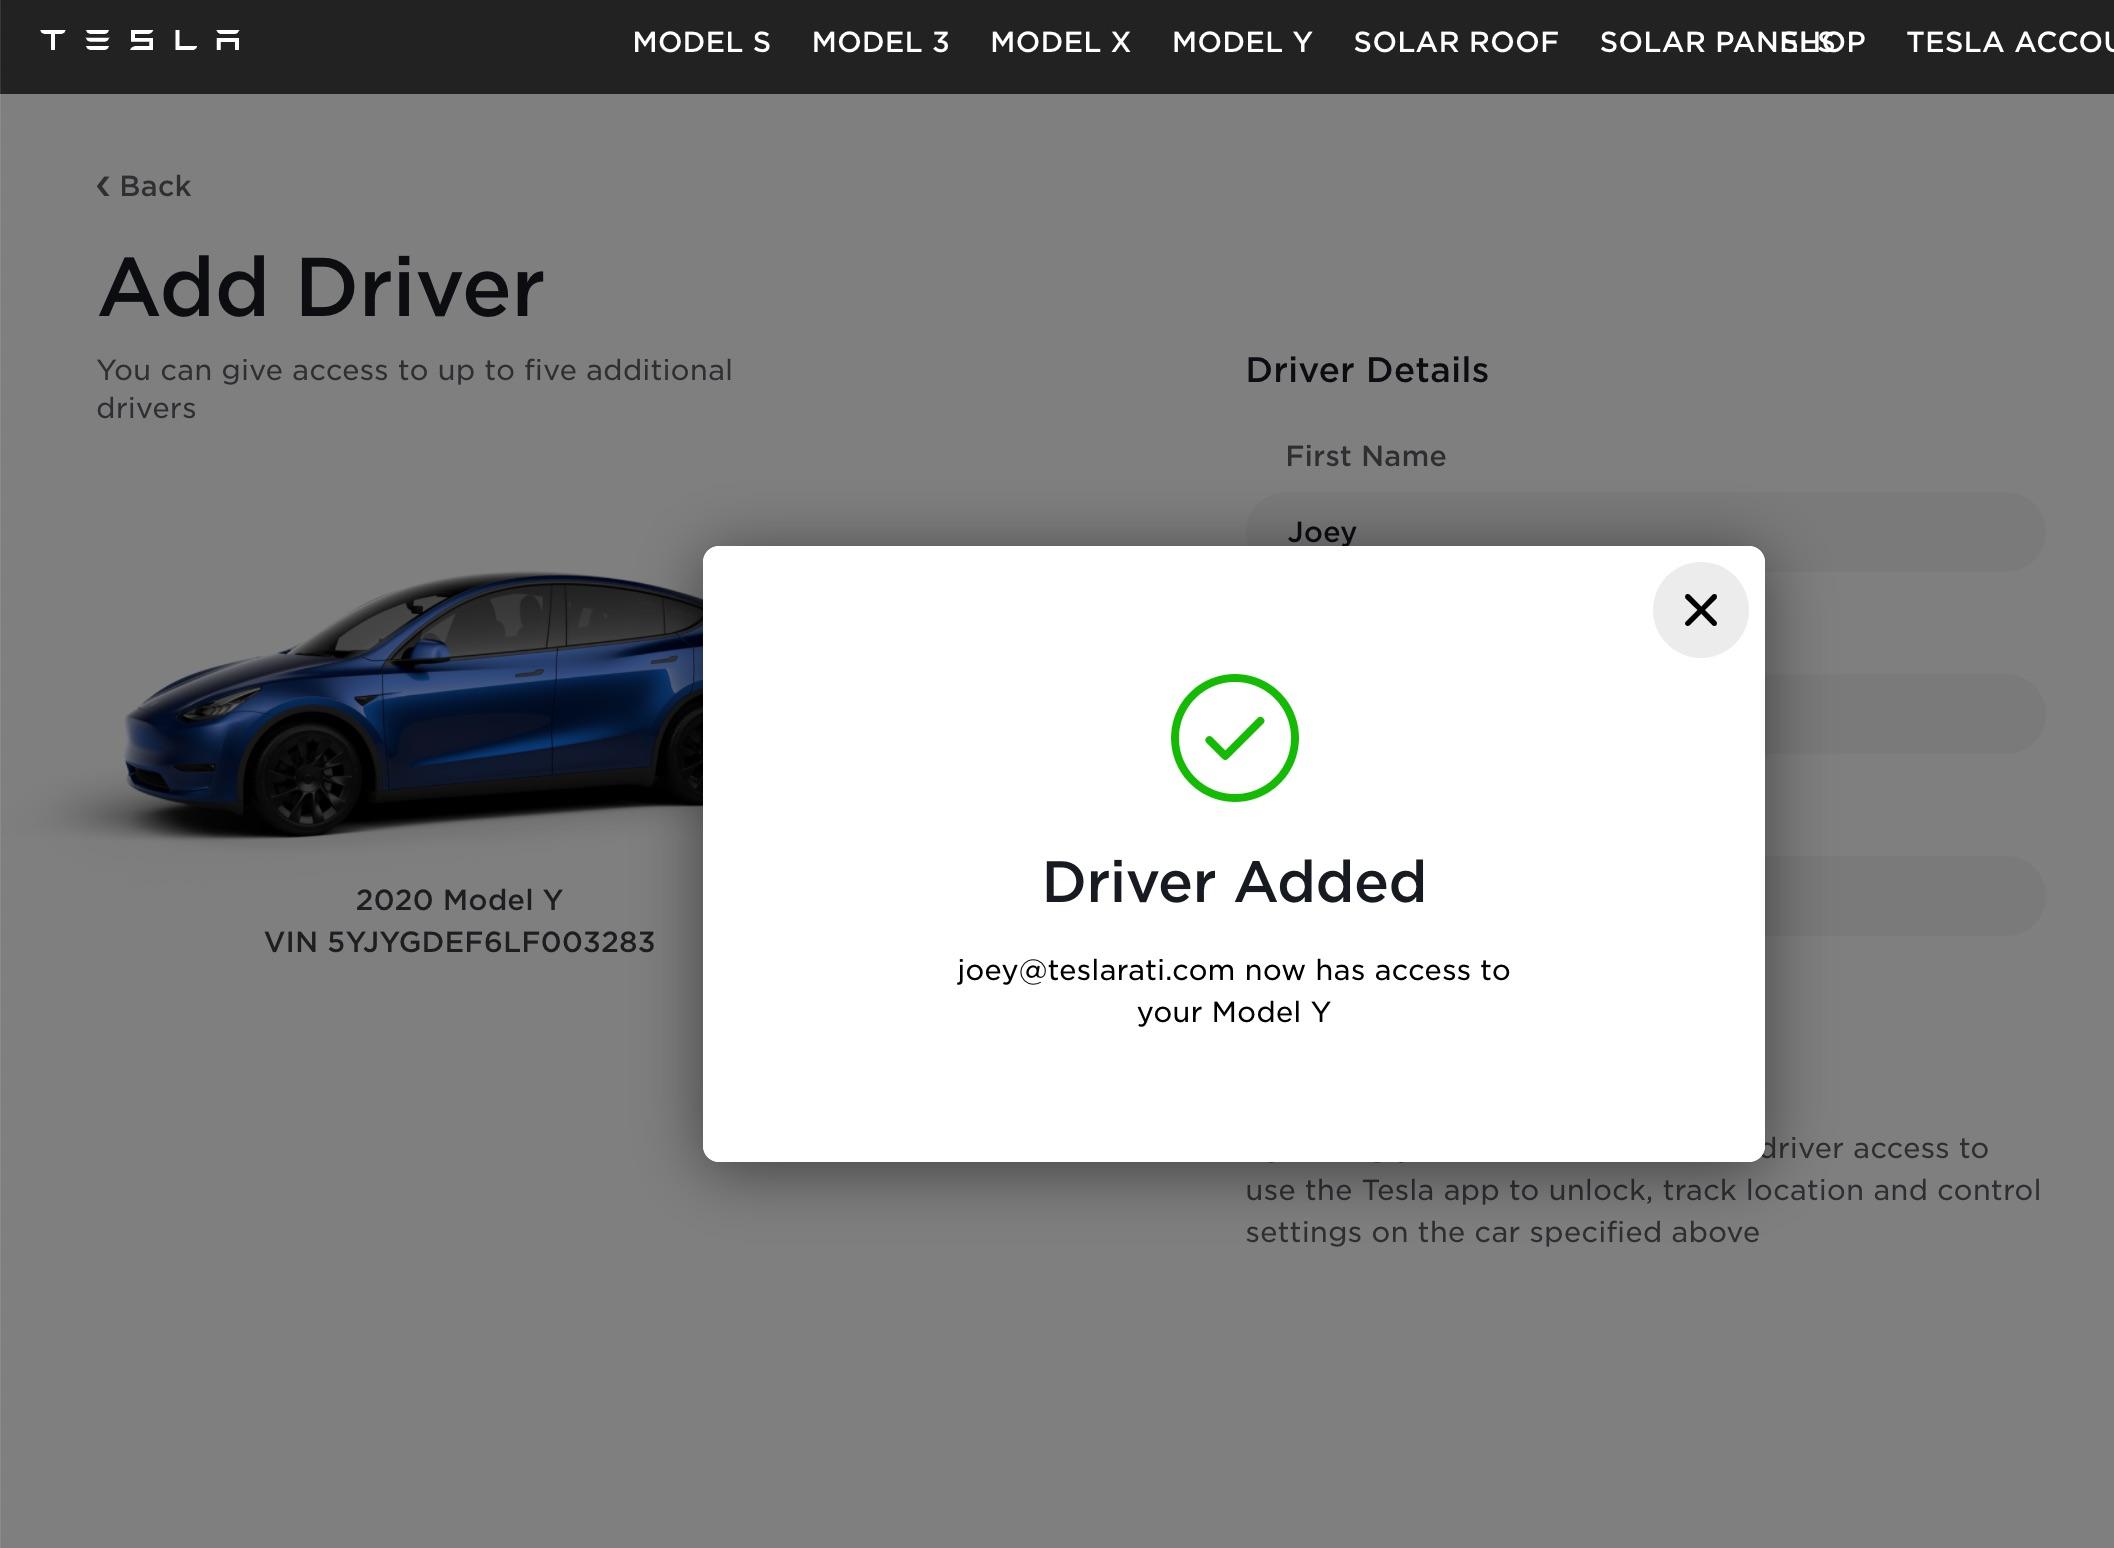 tesla-robotaxi-car-access-invite-confirmation